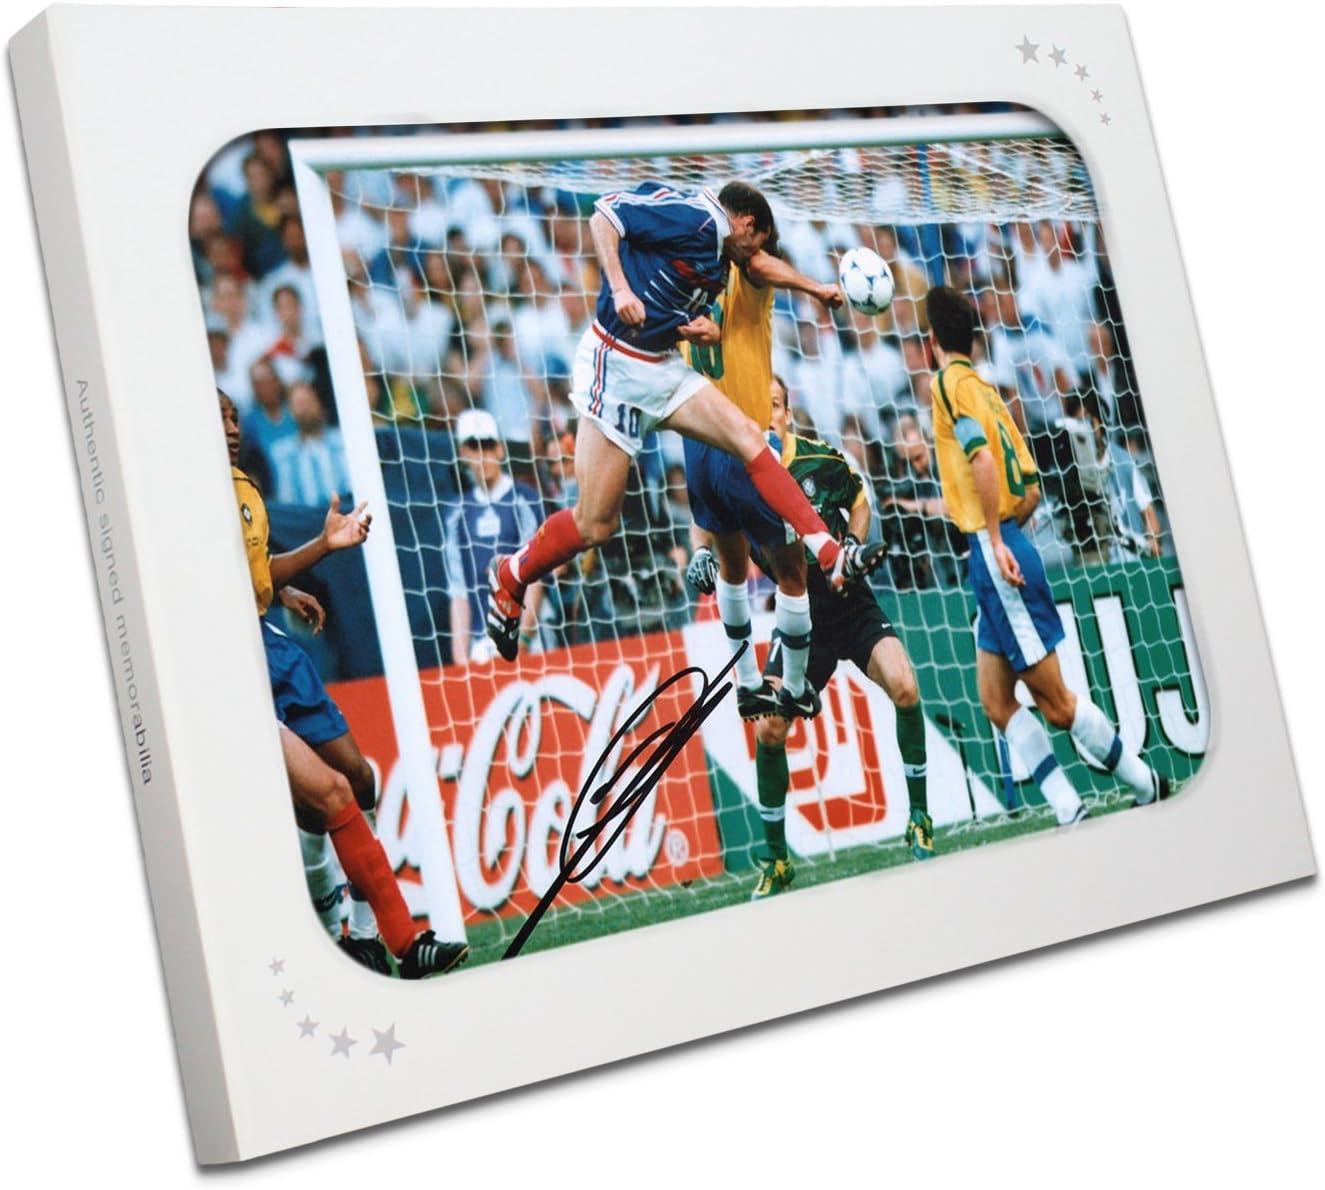 Zinedine Zidane Firmado Francia Photo: Copa Mundial de puerta. En la caja de regalo: Amazon.es: Deportes y aire libre